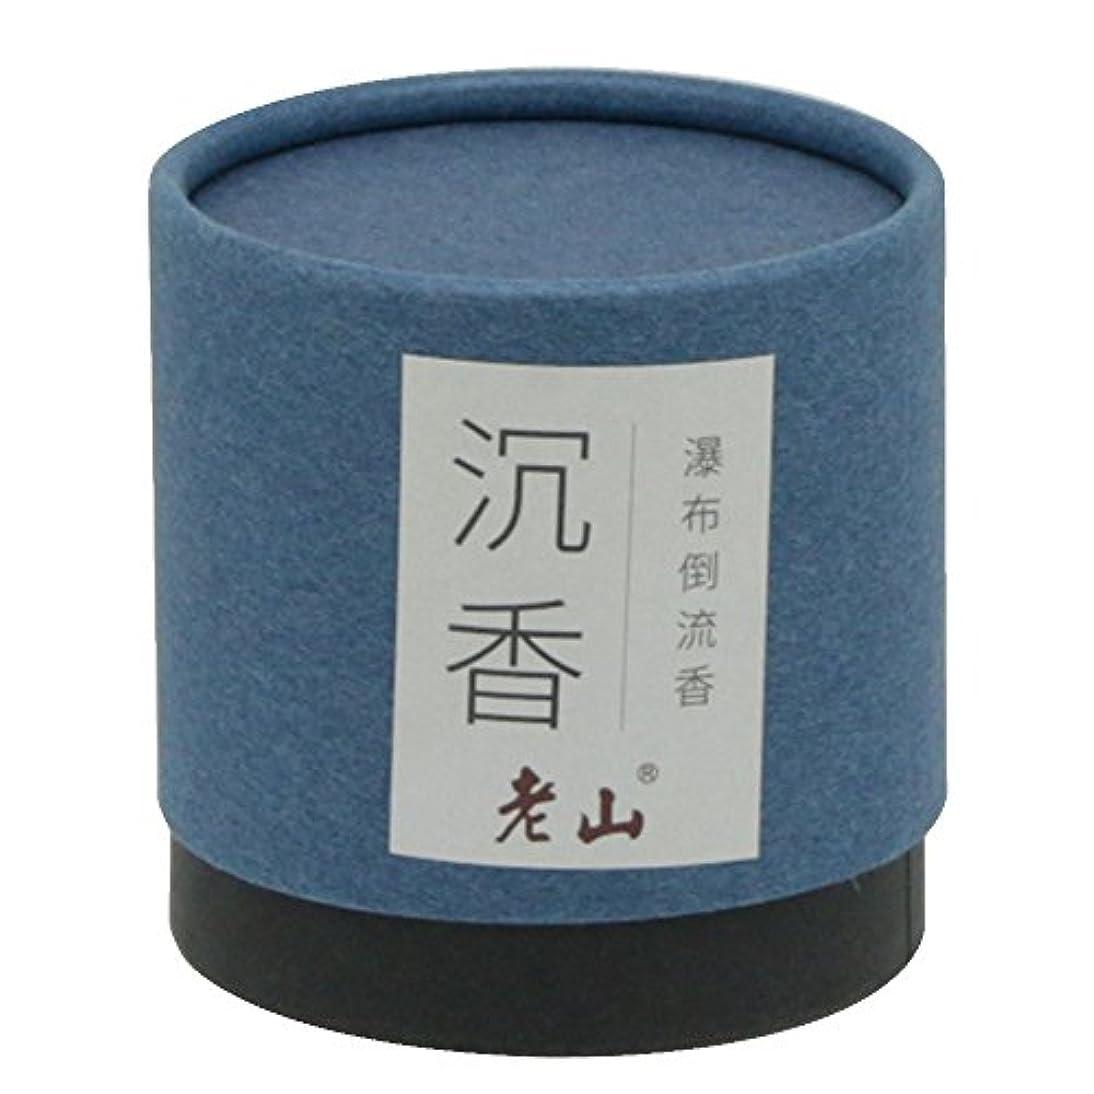 有効な保証材料逆流円錐incense-100g自然Agarwood Cone Incense Waterfall Incense Backflow Incense